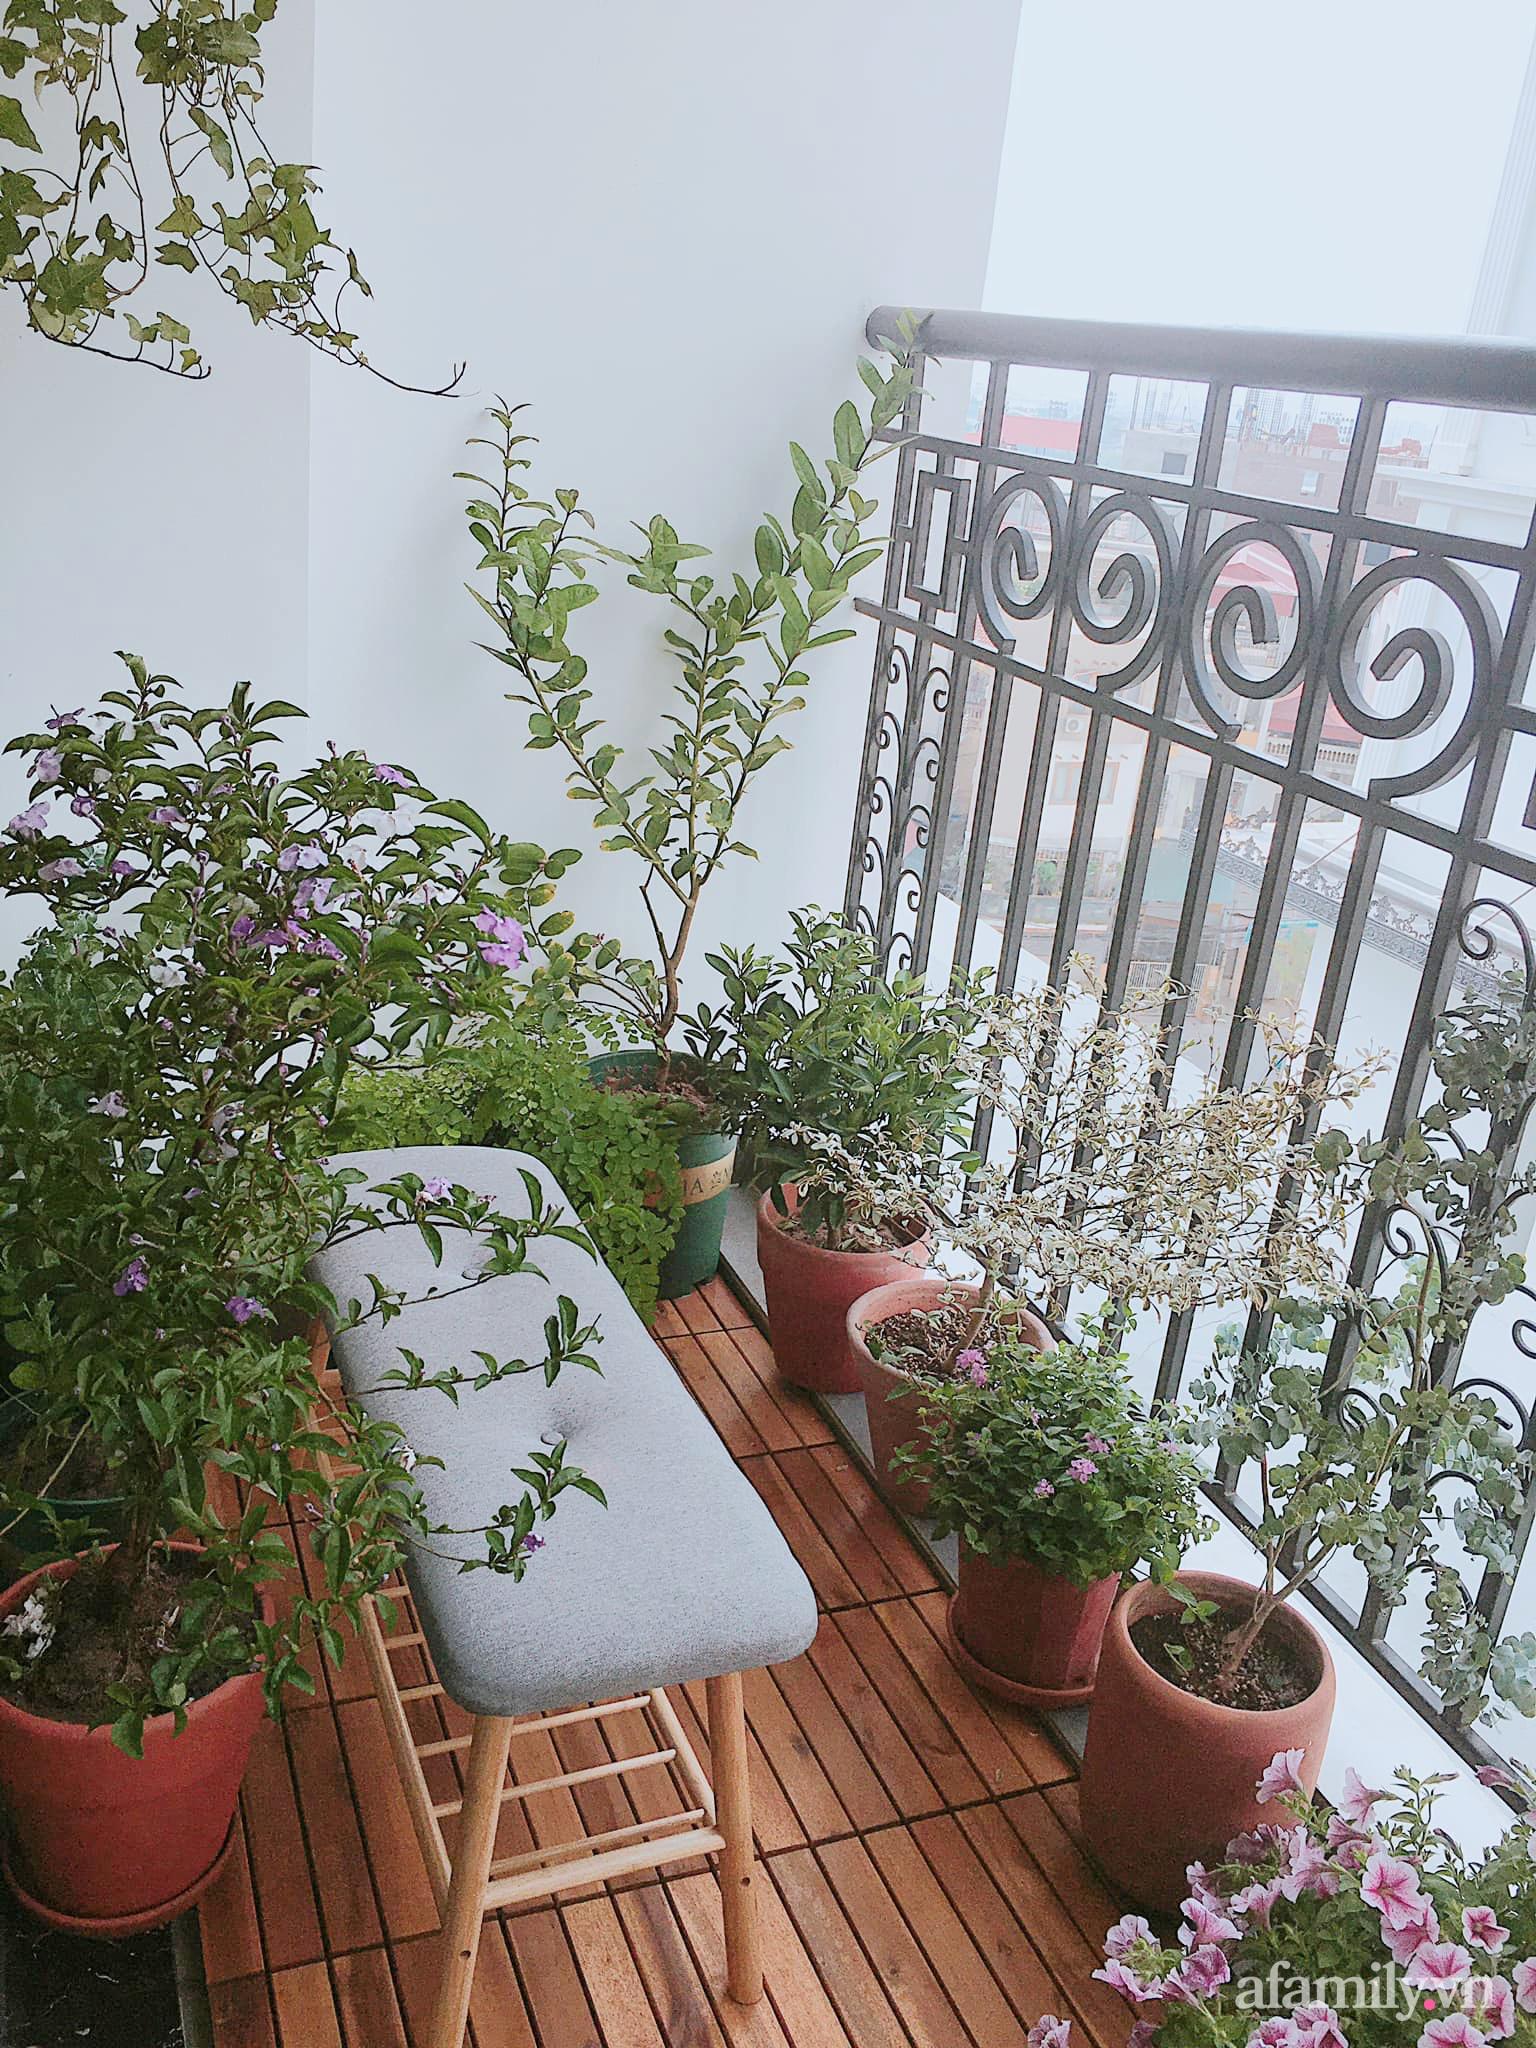 Căn hộ 78m² đẹp tinh tế và tiện dụng với phong cách tối giản của cặp vợ chồng trẻ ở Hà Nội - Ảnh 15.